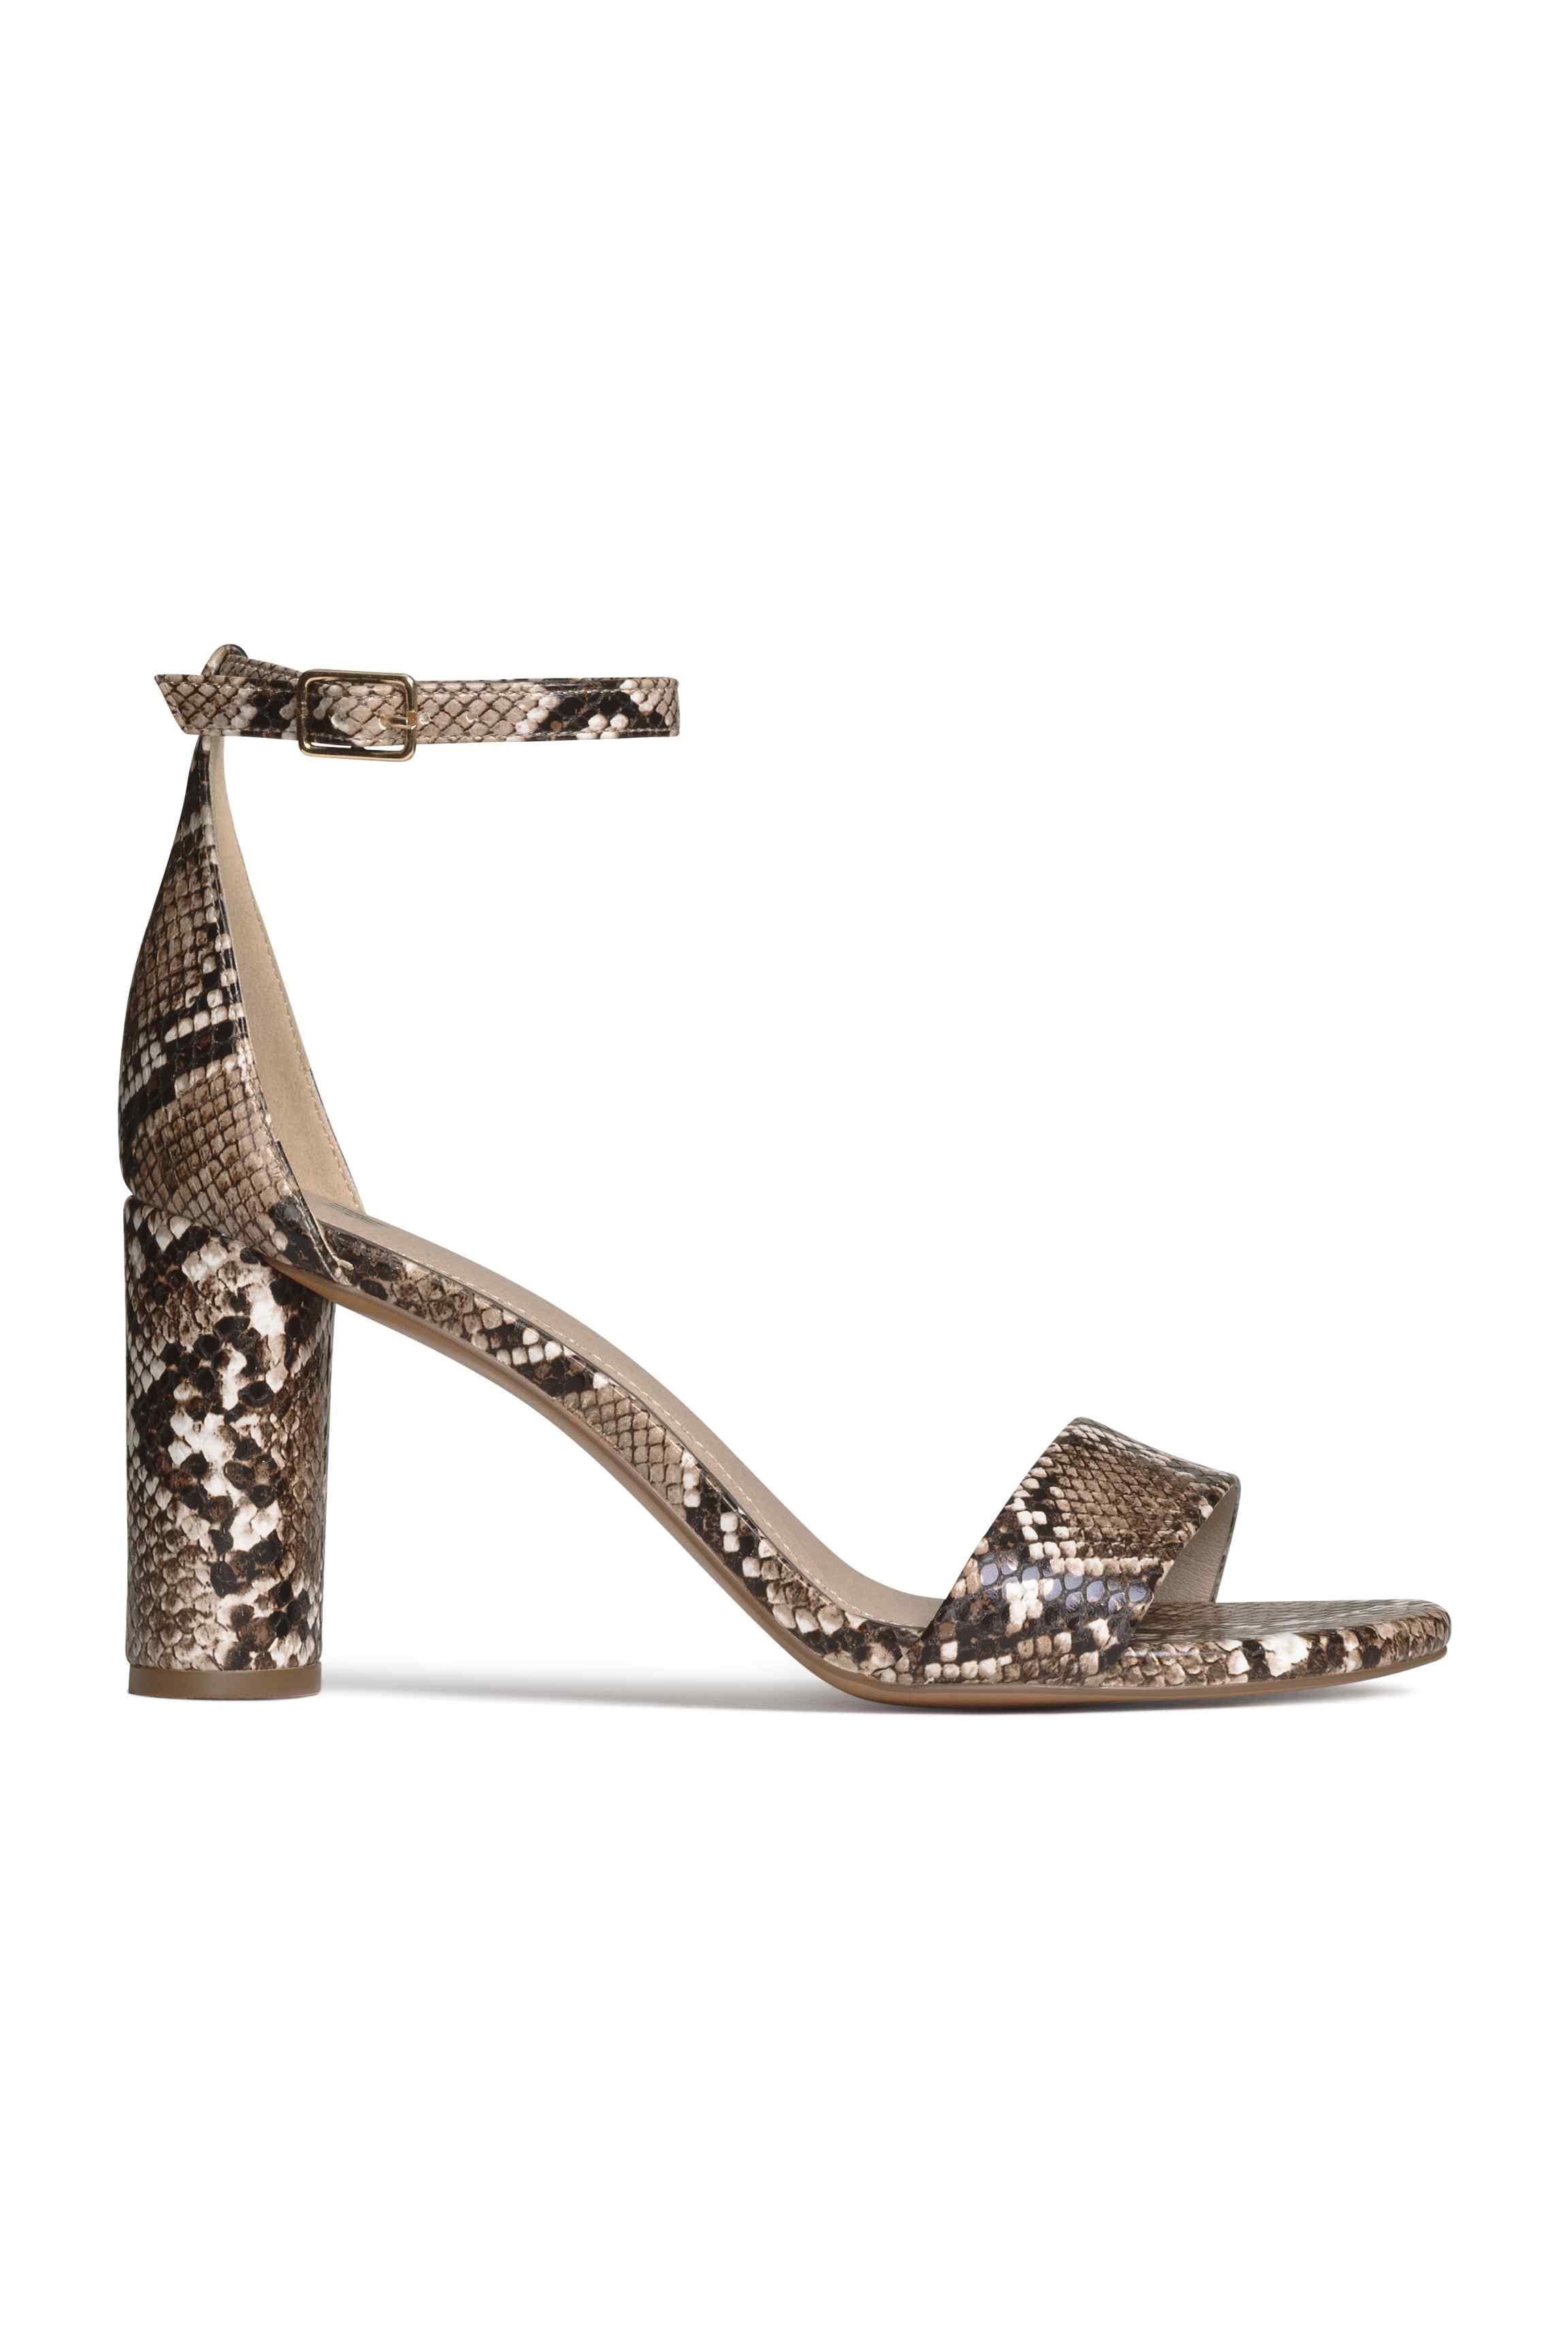 snake skin sandals.jpg